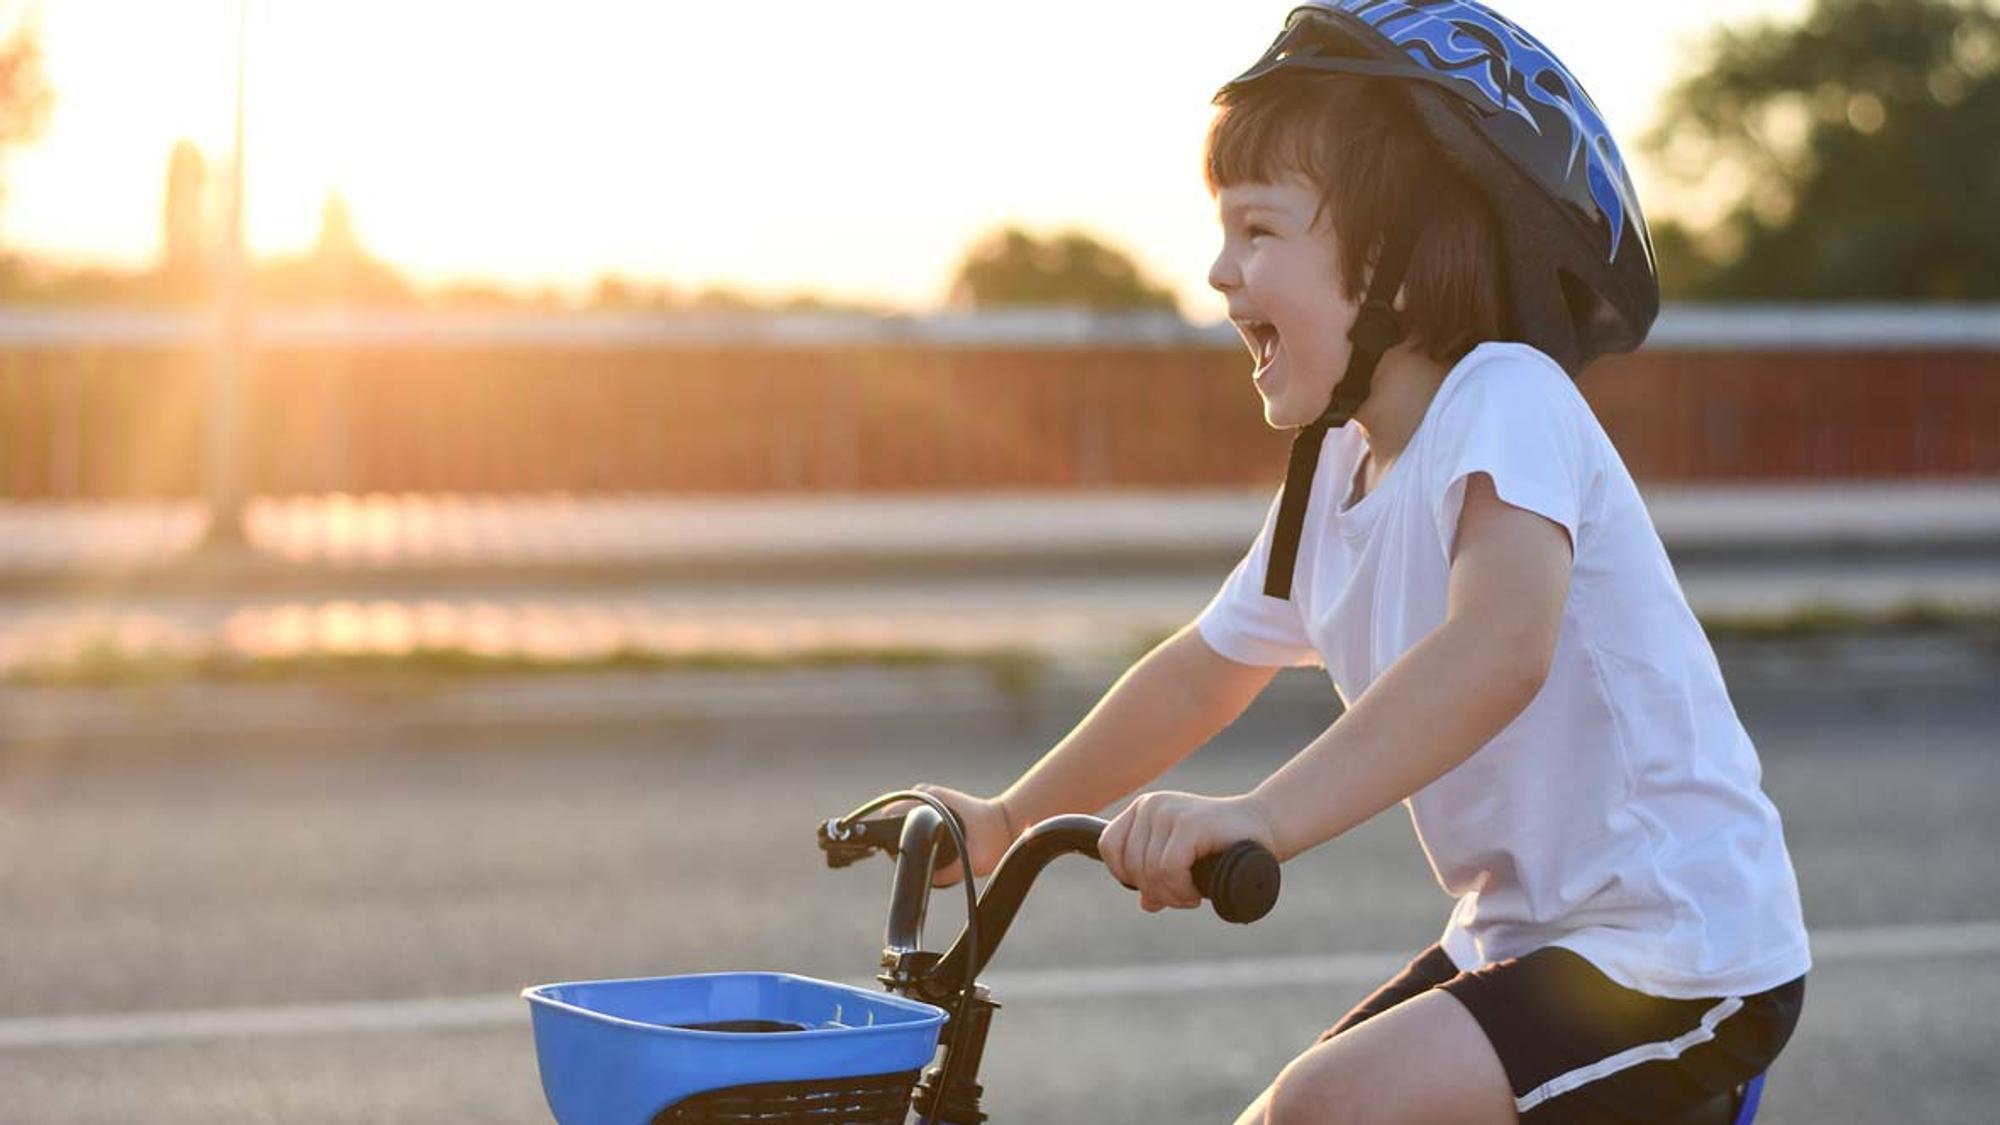 Fahrrad fahren lernen: So klappt es!